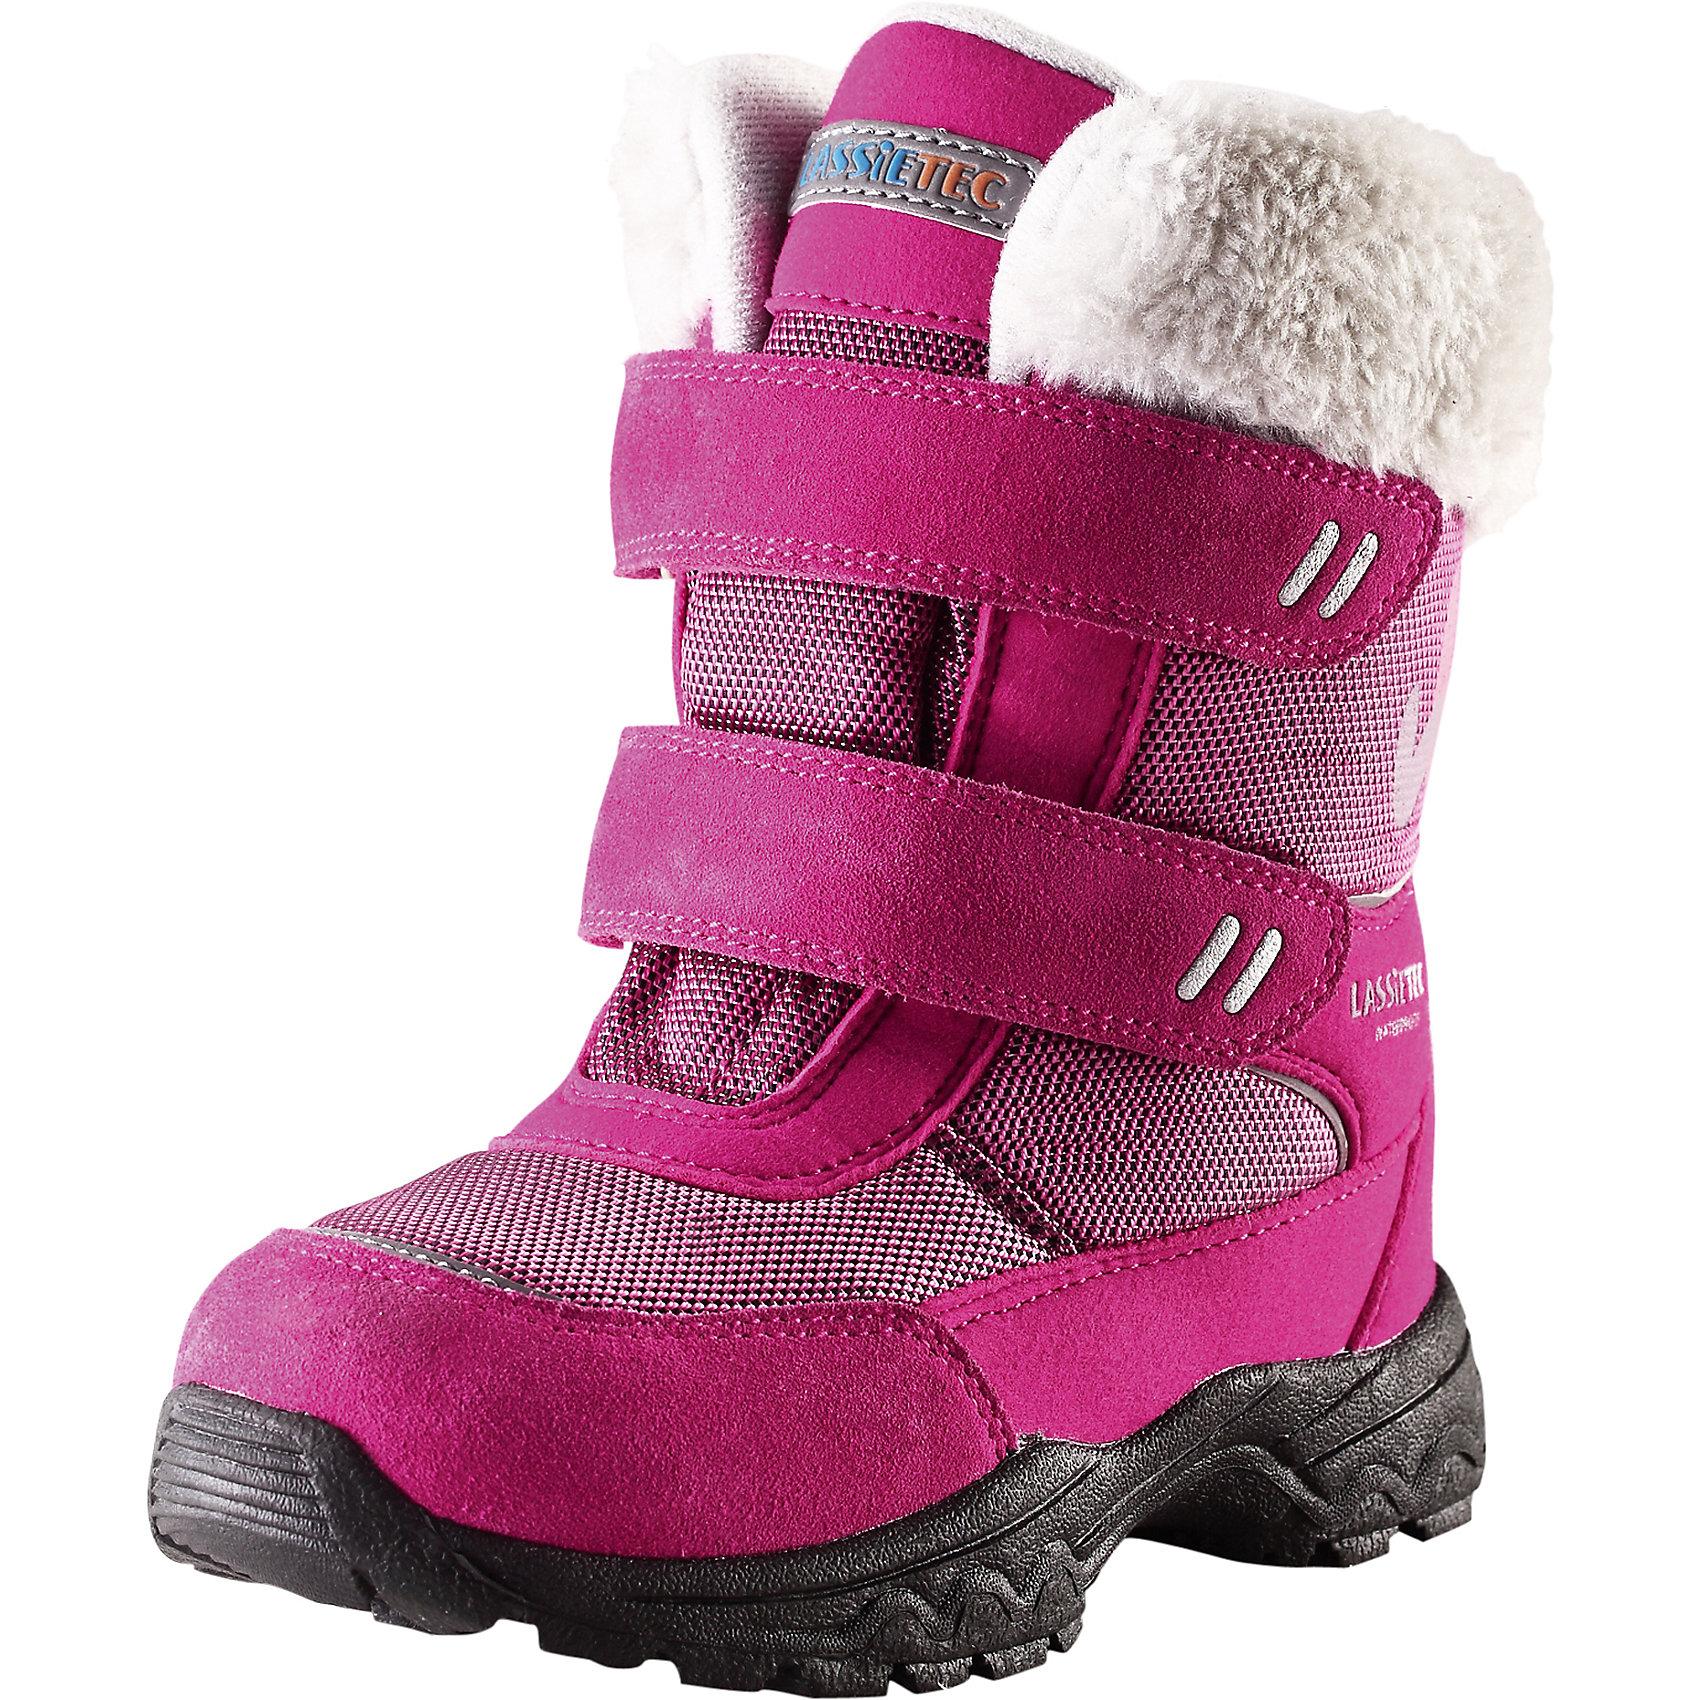 Ботинки для девочки LassieОбувь<br>Зимние сапоги для детей Lassietec®. <br><br>- Водонепроницаемая зимняя обувь.<br>- Верх из натуральной замши (из телячьей кожи), синтетического материала и текстиля.<br>- Подошва из термопластичного каучука обеспечивает хорошее сцепление с поверхностью. <br>- Подкладка из искусственного меха.<br>- Съемные стельки. Застежки на липучках обеспечивают простоту использования.<br>- Светоотражающие детали. <br><br>Храните обувь в вертикальном положении при комнатной температуре. Сушить обувь всегда следует при комнатной температуре: вынув съемные стельки. Стельки следует время от времени заменять на новые. Налипшую грязь можно счищать щеткой или влажной тряпкой. Перед использованием обувь рекомендуется обрабатывать специальными защитными средствами.<br><br>Состав: Подошва: Термопластиковая резина, Верх: 70% ПЭ 20% ПУ 10% Кожа.<br><br>Ширина мм: 257<br>Глубина мм: 180<br>Высота мм: 130<br>Вес г: 420<br>Цвет: розовый<br>Возраст от месяцев: 21<br>Возраст до месяцев: 24<br>Пол: Женский<br>Возраст: Детский<br>Размер: 24,35,25,26,27,28,29,30,31,32,33,34<br>SKU: 4780814